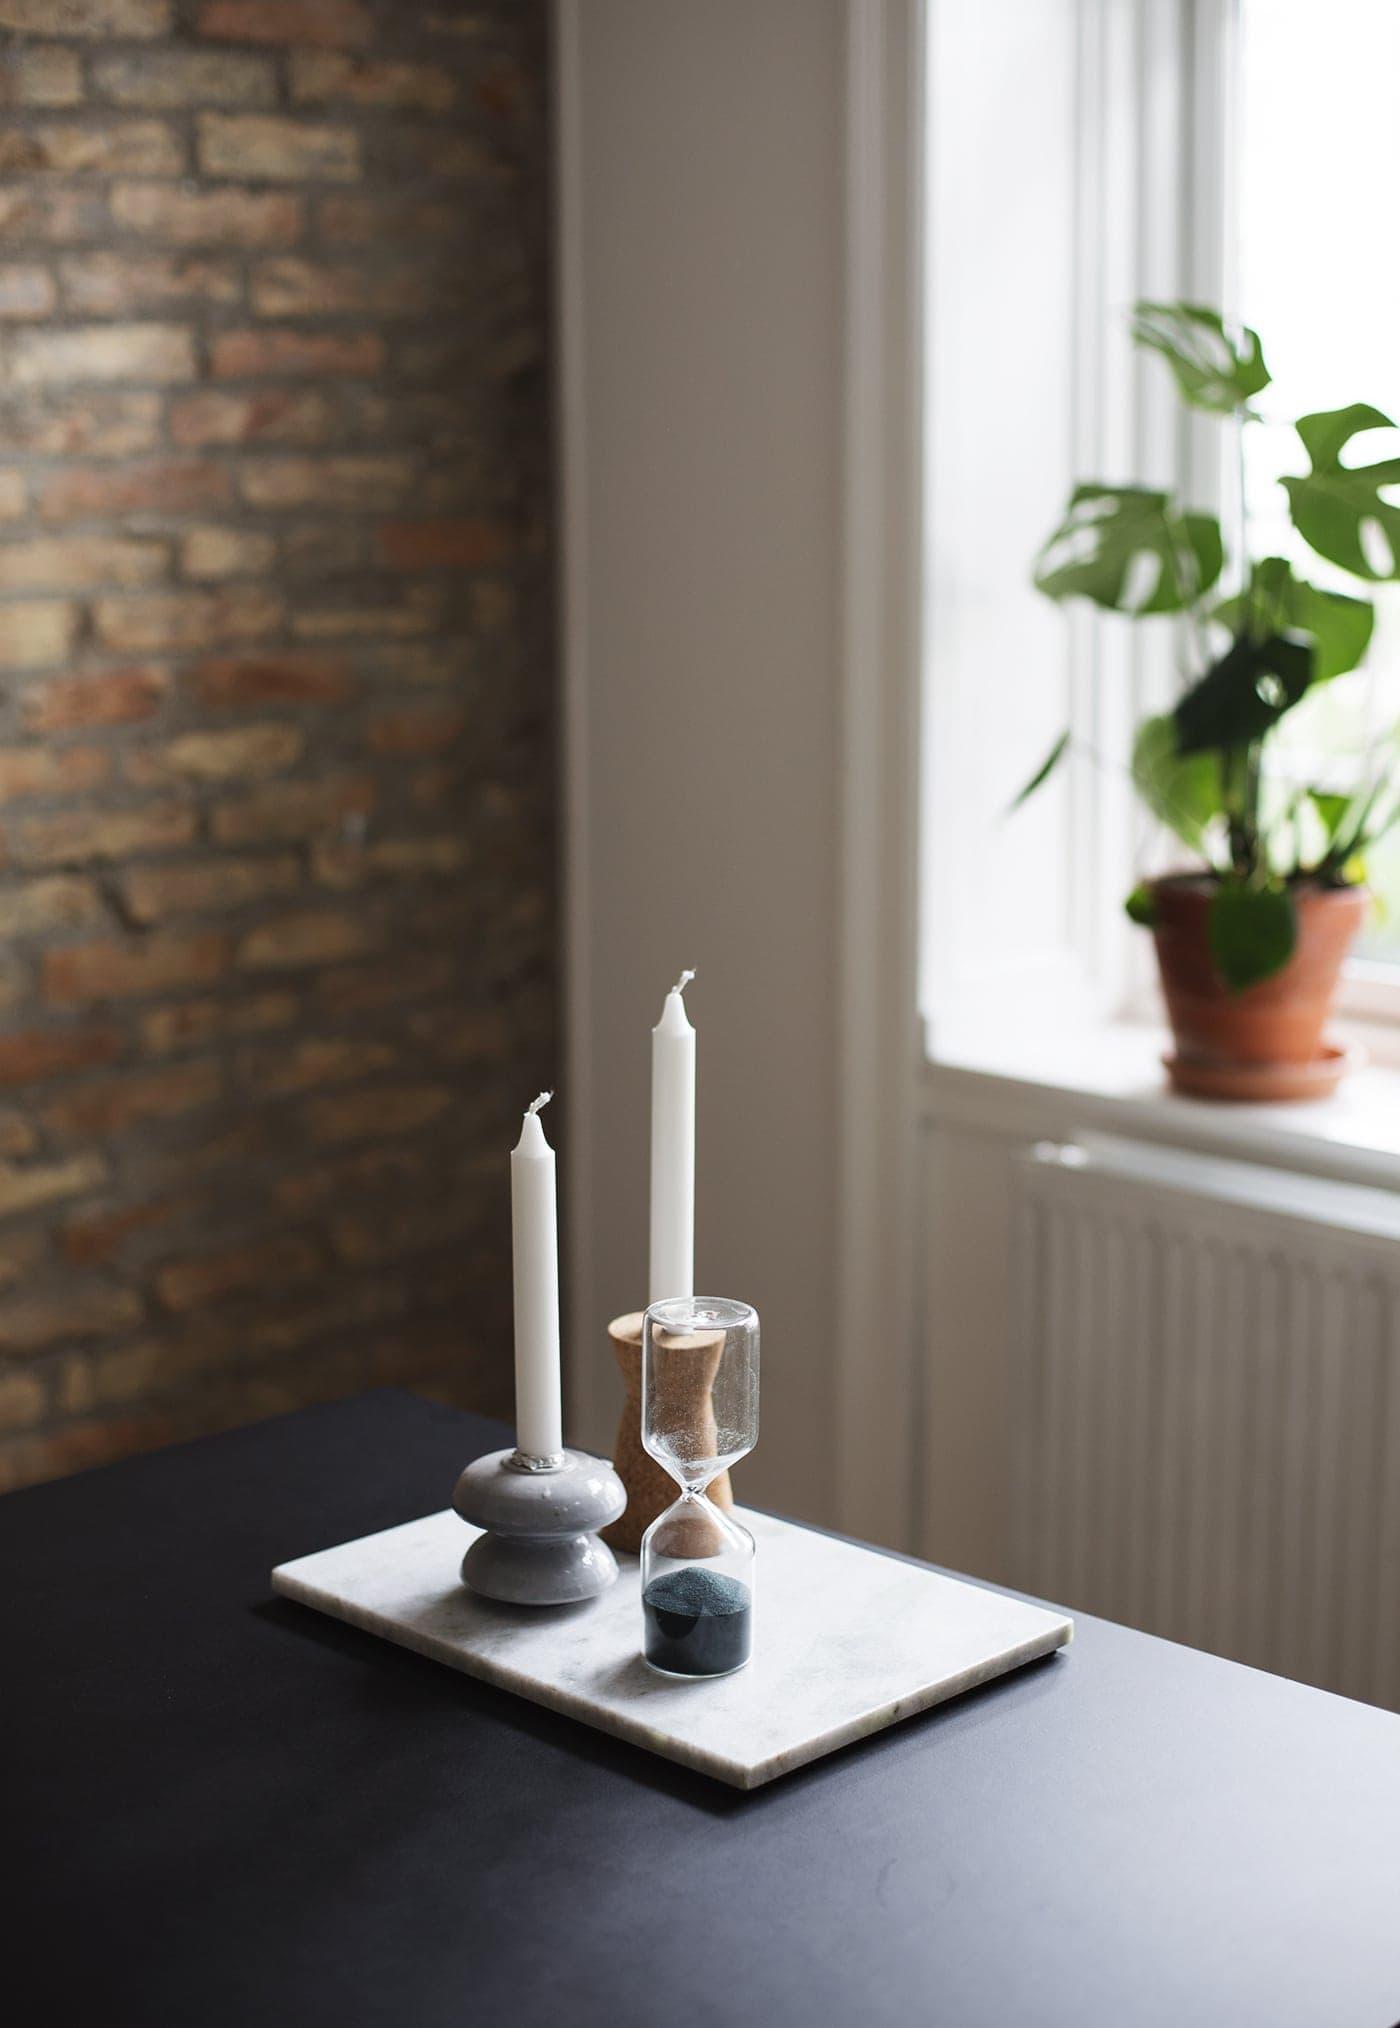 Copenhagen | wanderlust | air bnb dining room 3